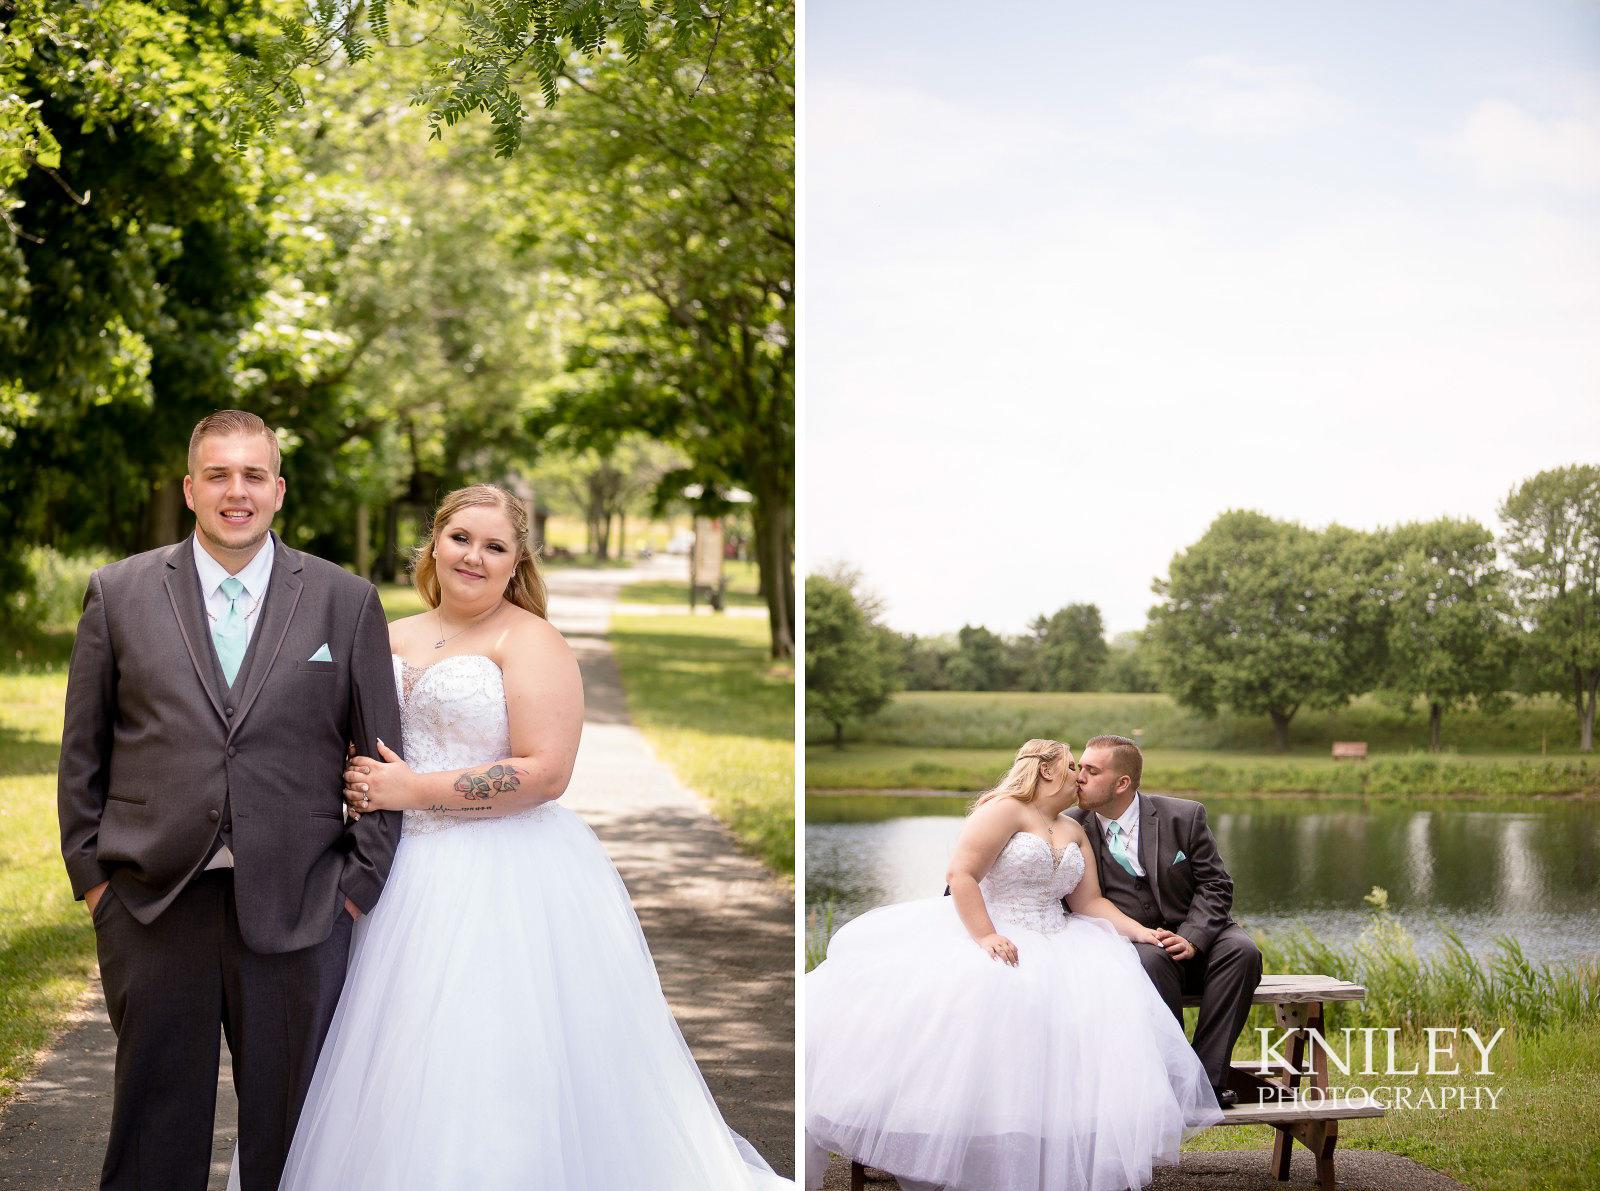 048 North Ponds Park Wedding Picture - Webster NY 7.jpg